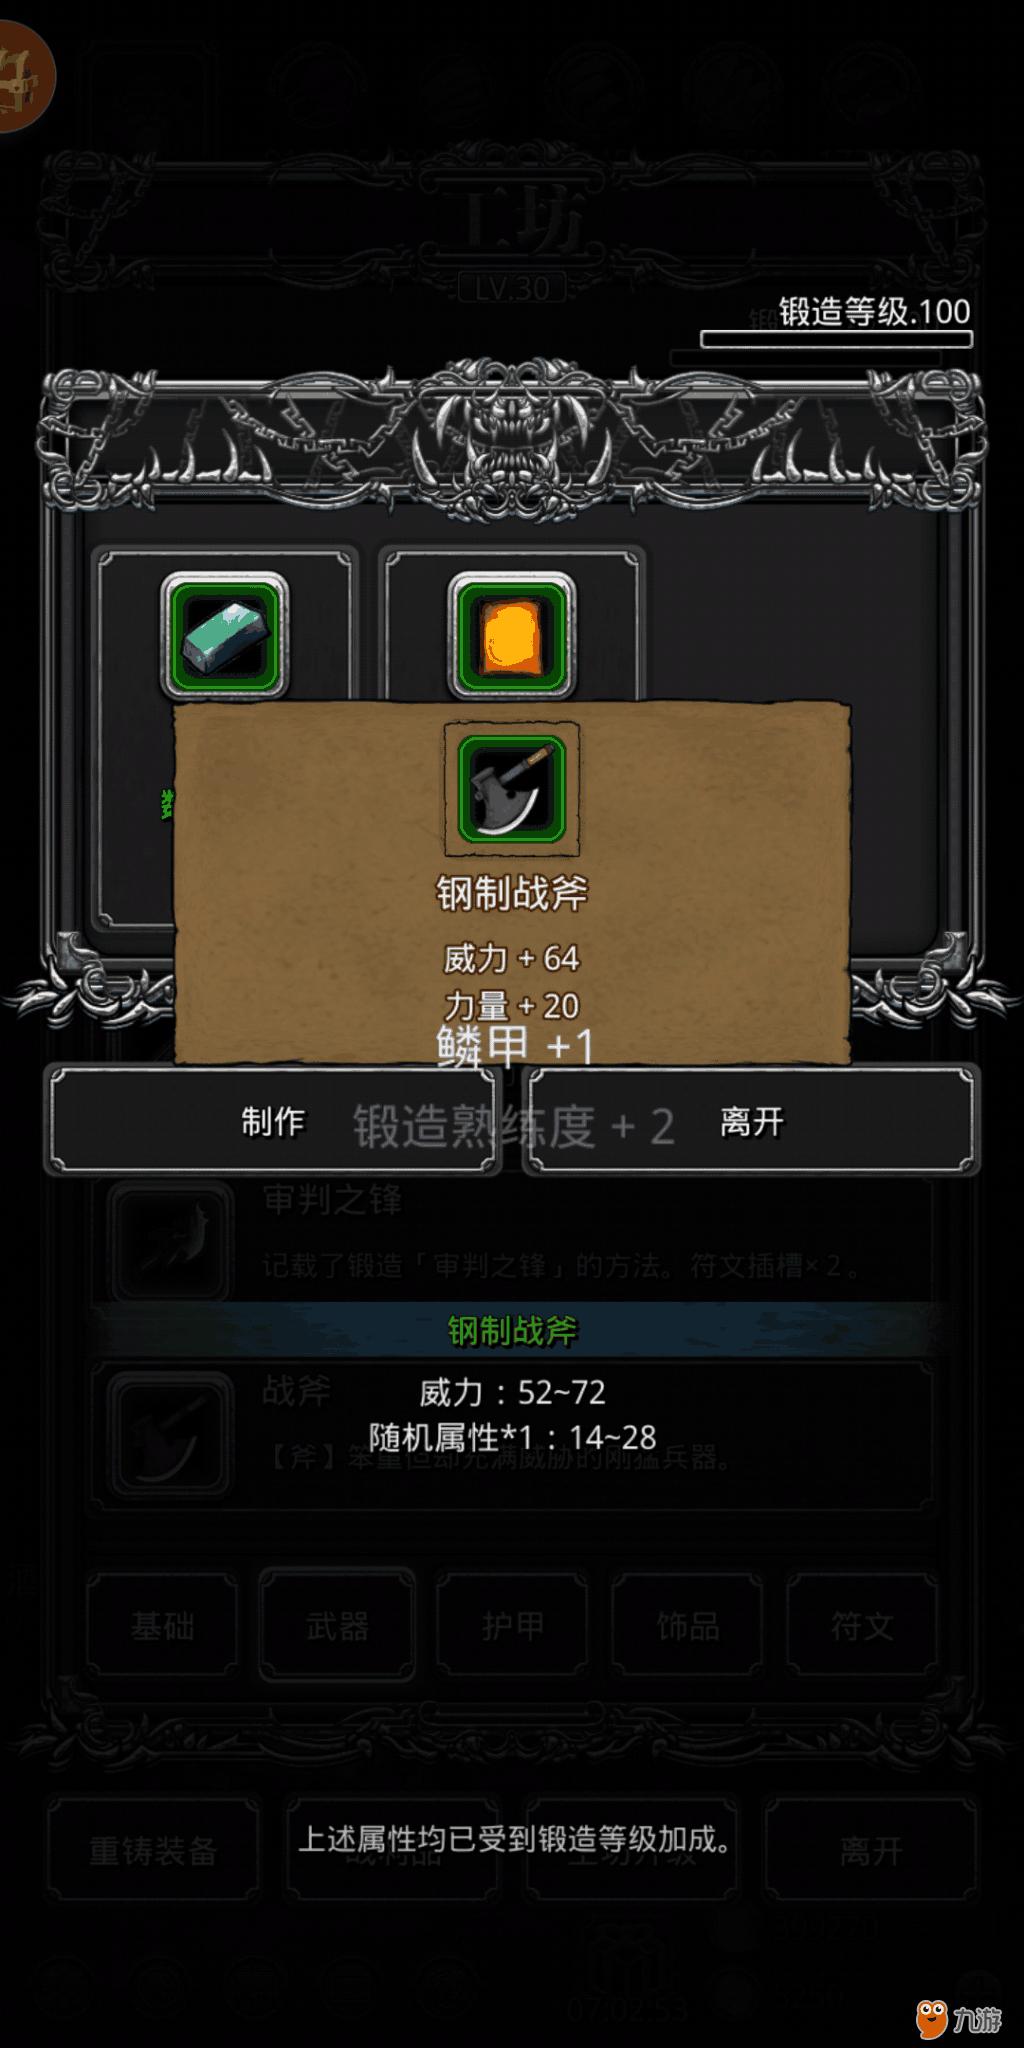 Screenshot_2018s07s13s16s57s07s837_com.taojin.dun.png